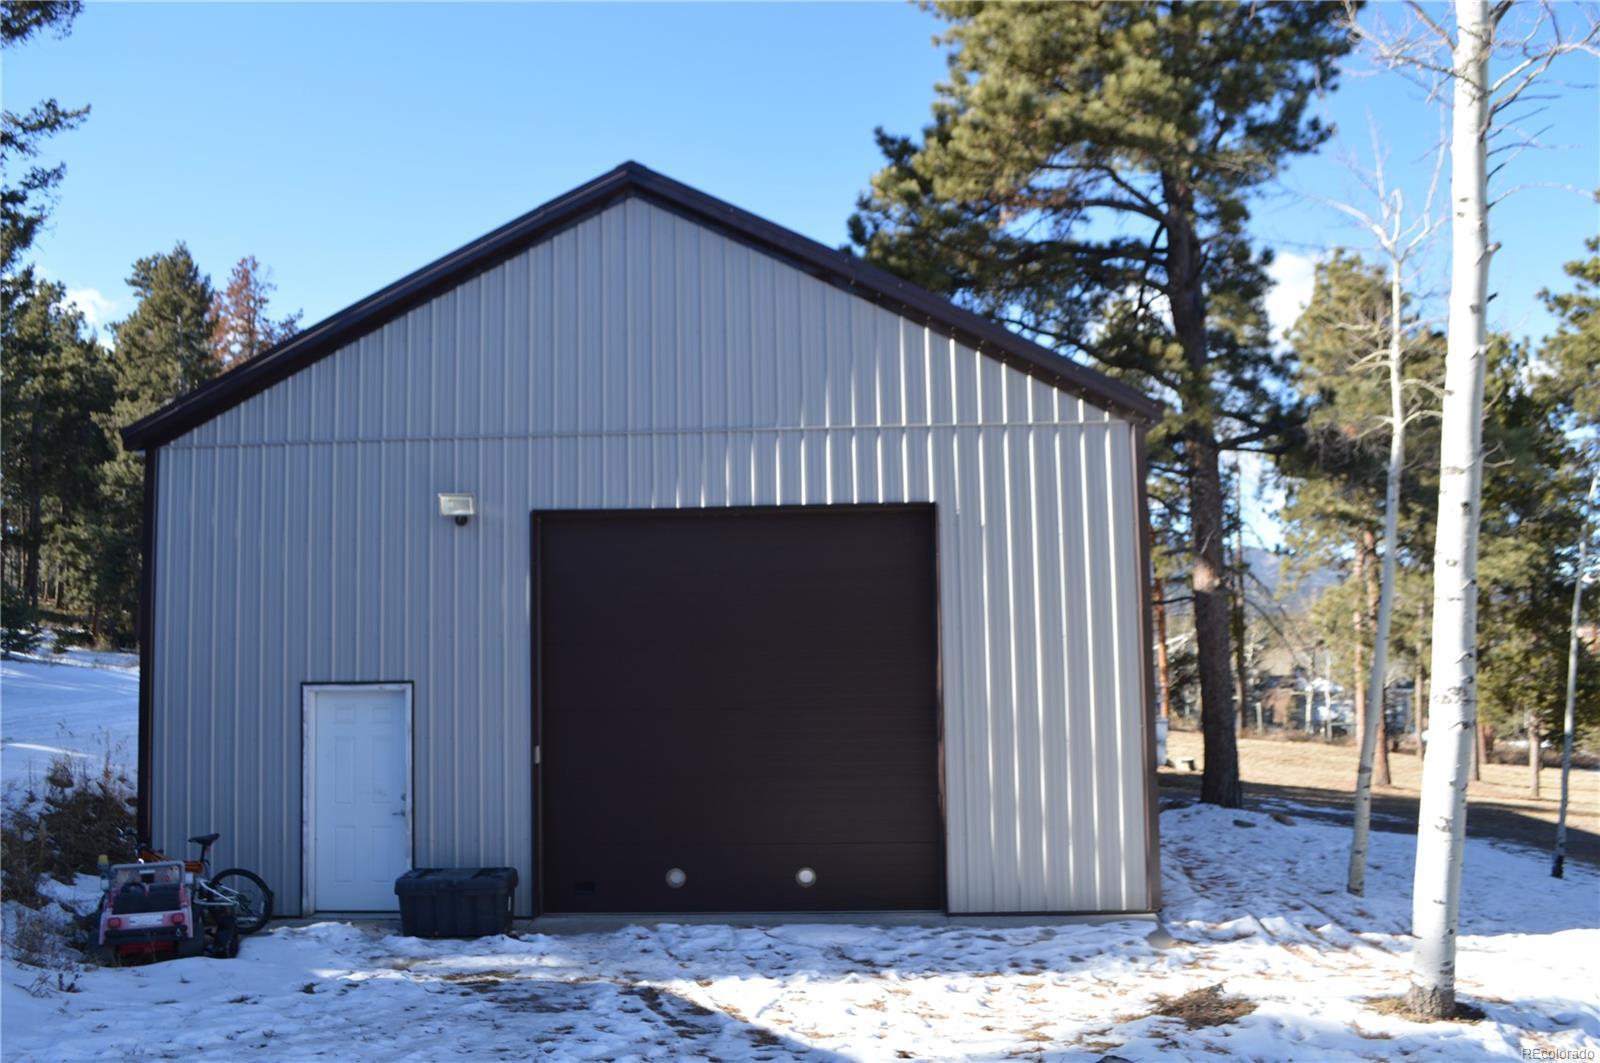 25828 Snyder Avenue, Conifer, CO 80433 - Conifer, CO real estate listing